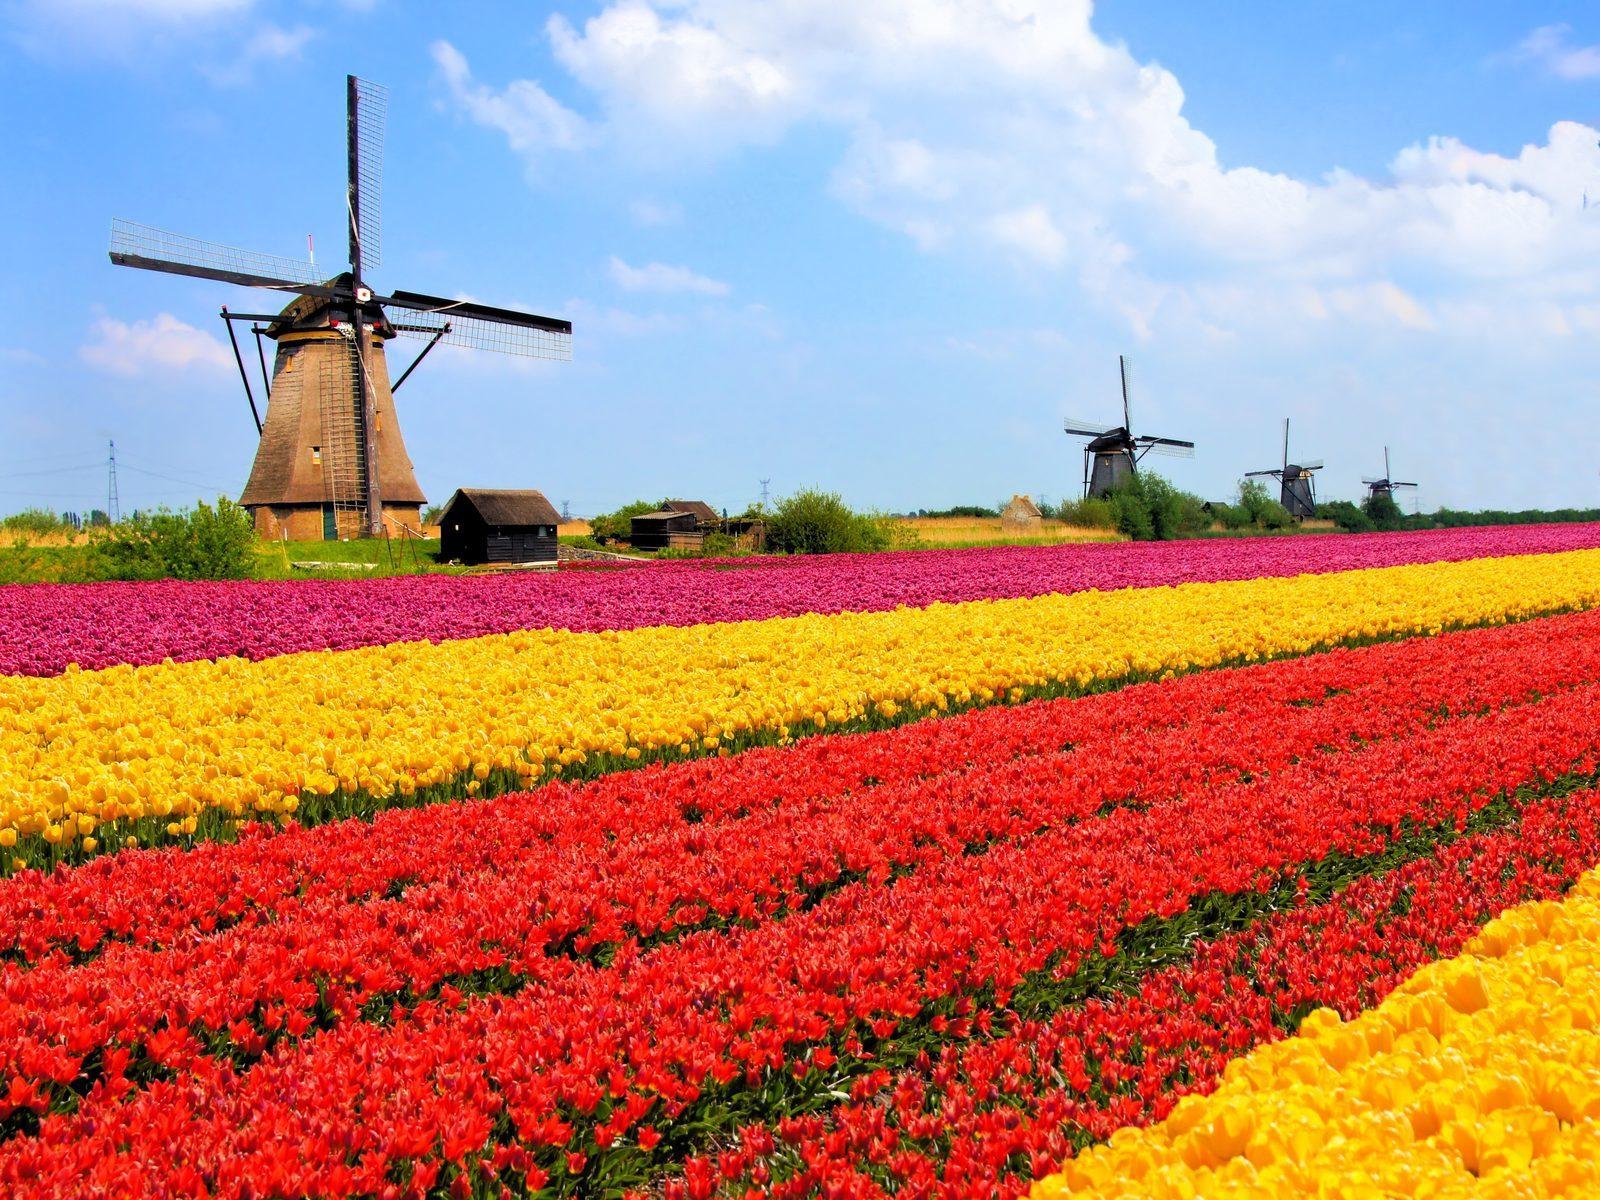 Urlaub an der Nordseeküste Noordwijk